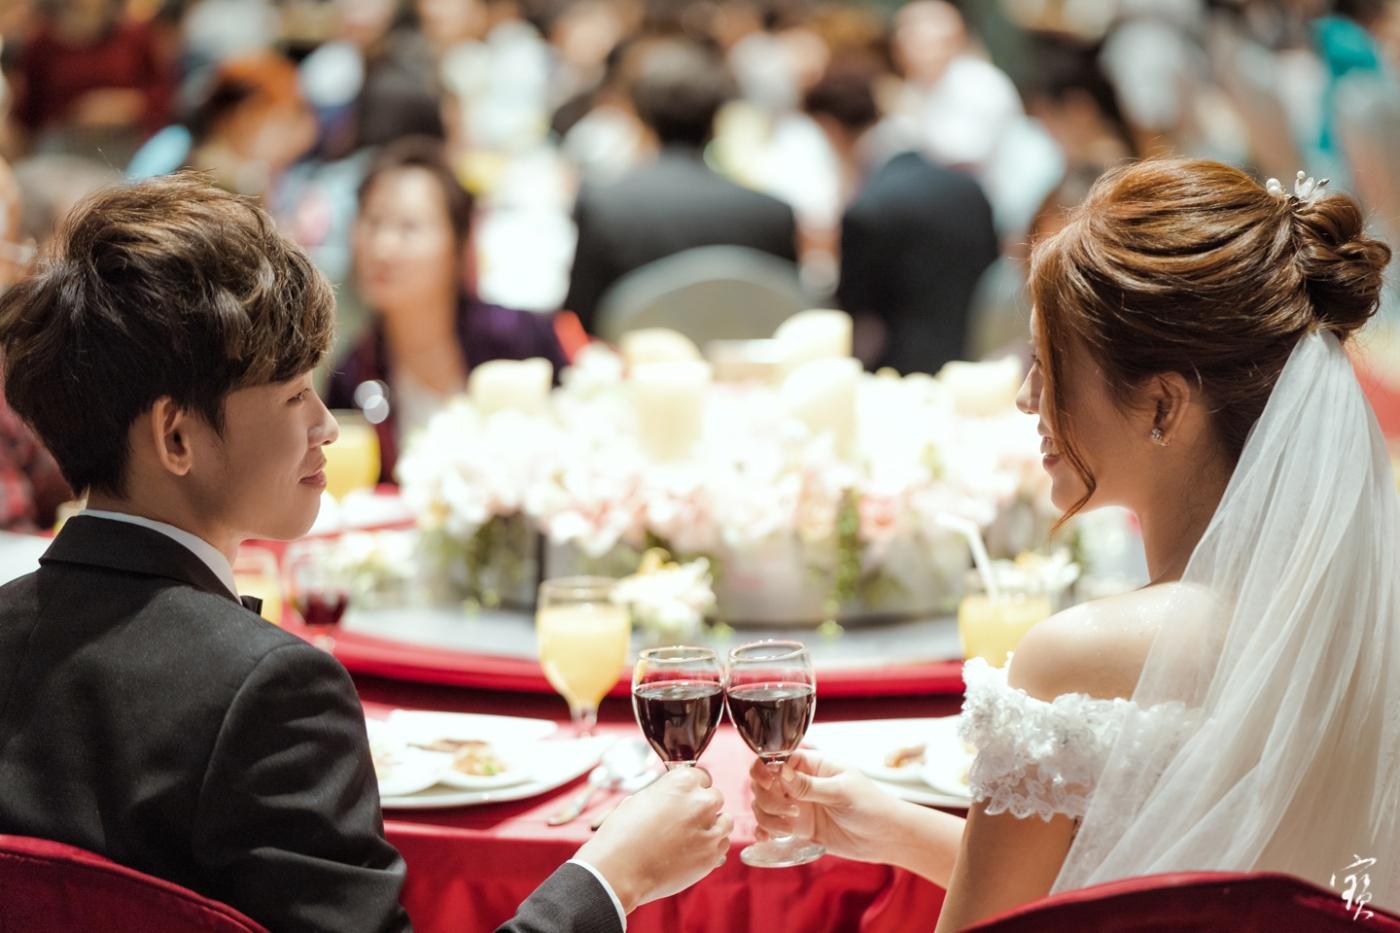 婚禮攝影 新竹彭園 冬伴影像 攝影師大寶 婚紗攝影 新娘新郎 早儀午宴20181125-357